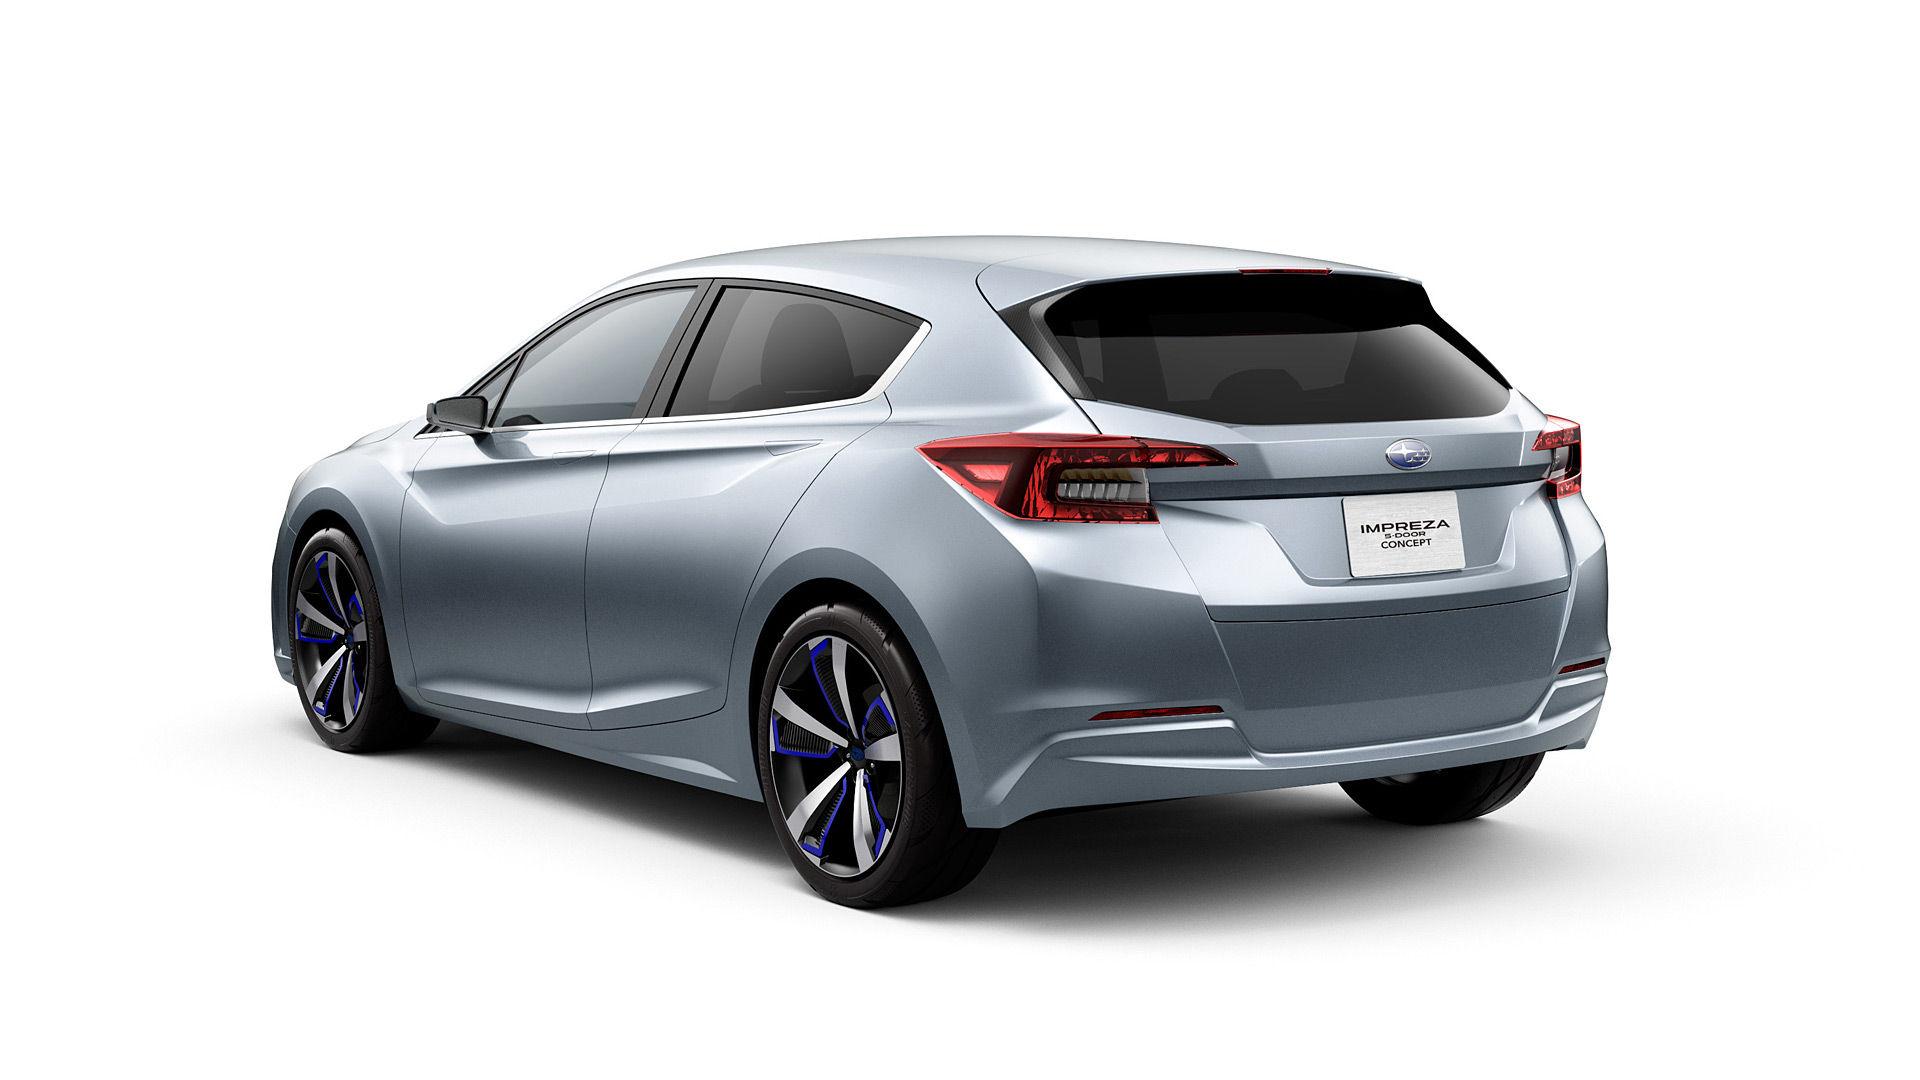 2015 Subaru Impreza 5-Door Concept